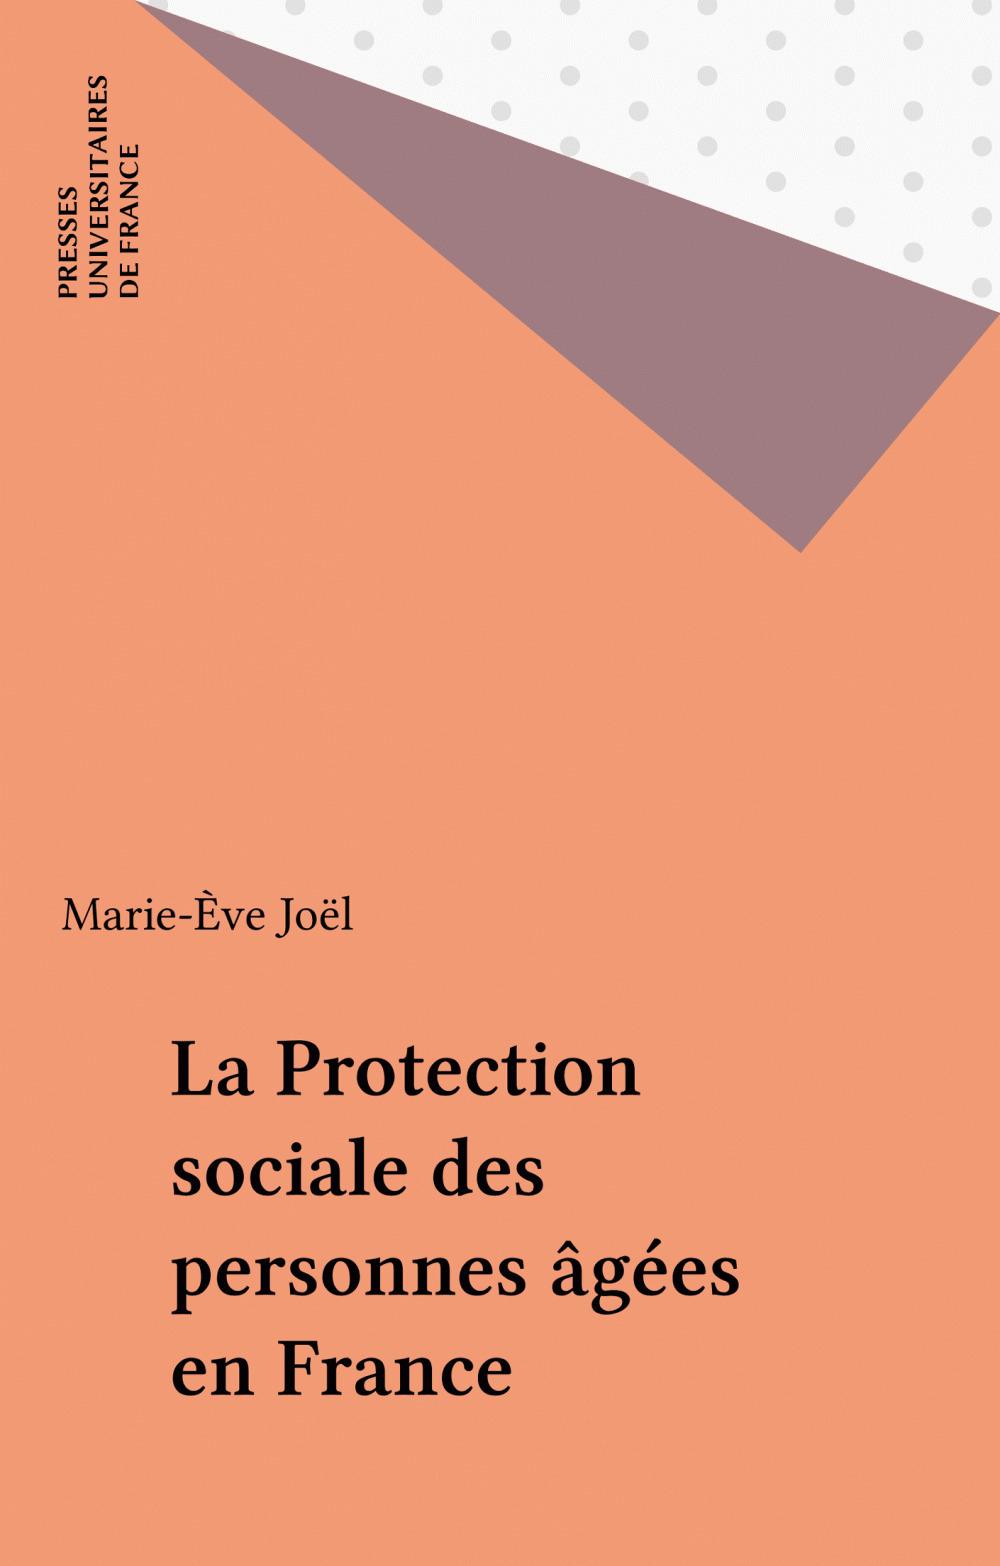 La Protection sociale des personnes âgées en France